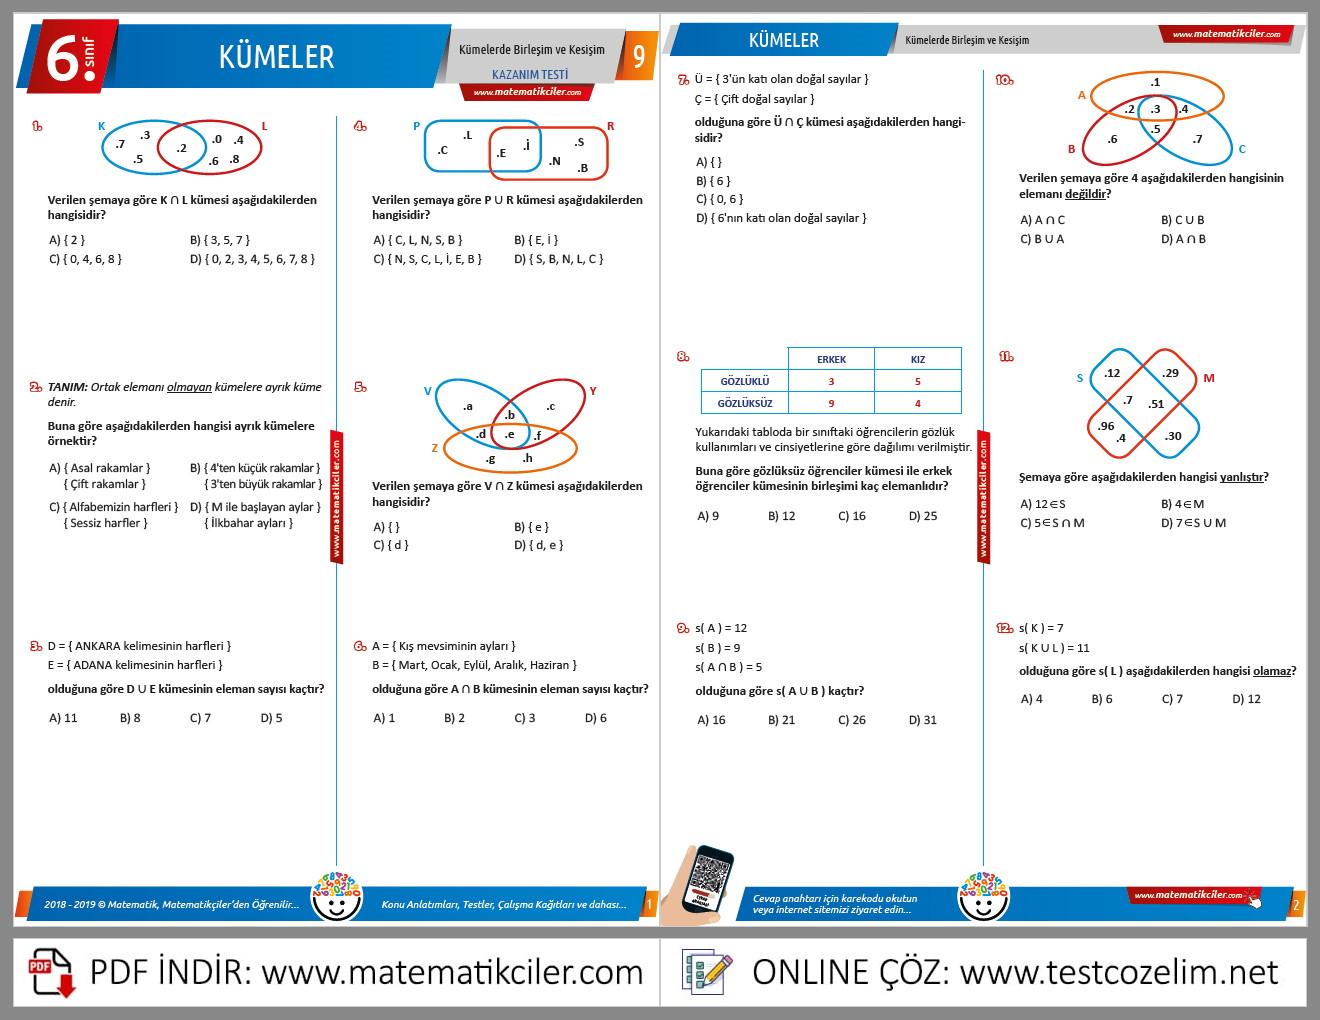 6. Sınıf Kümelerde Kesişim ve Birleşim Testi